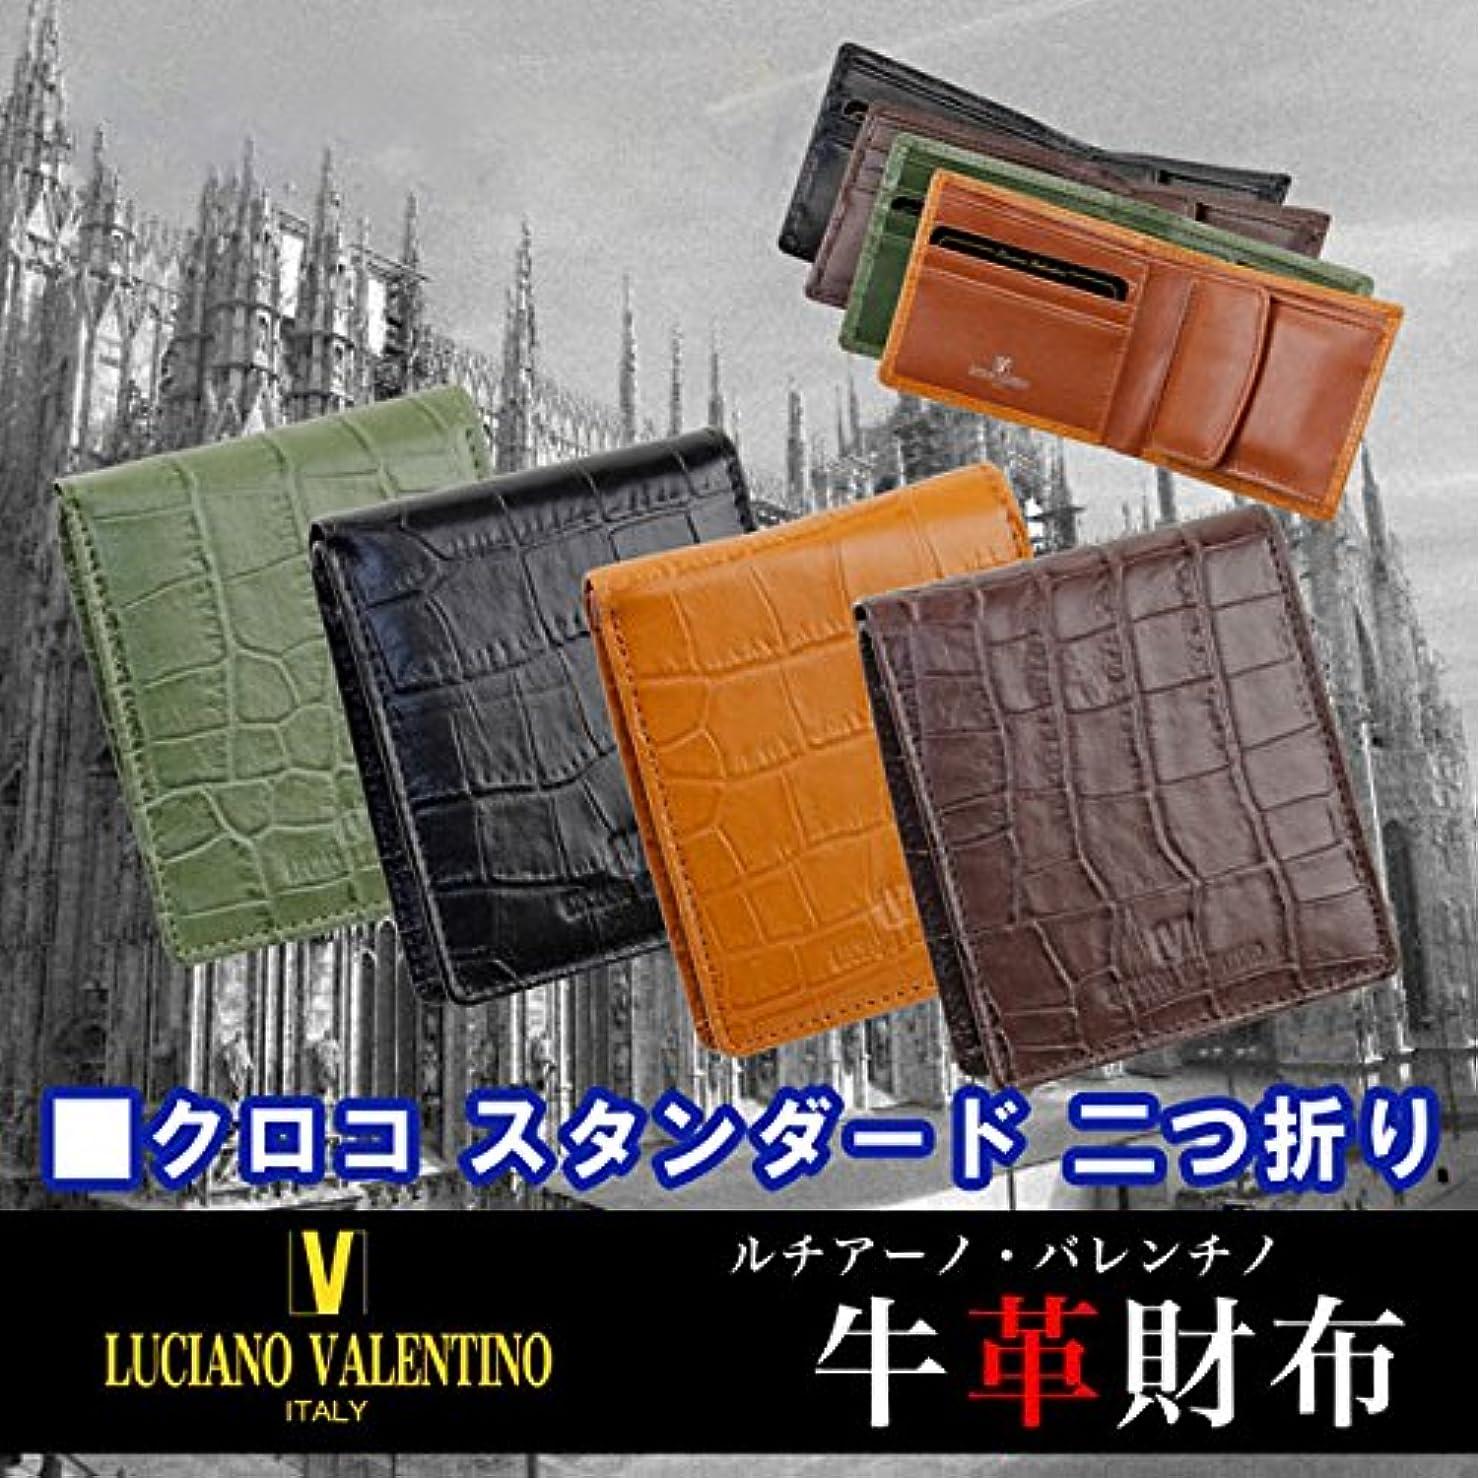 インフレーション重くする反乱ルチアーノ バレンチノ 二つ折り財布 短財布 LUV-4002-BR ブラウン